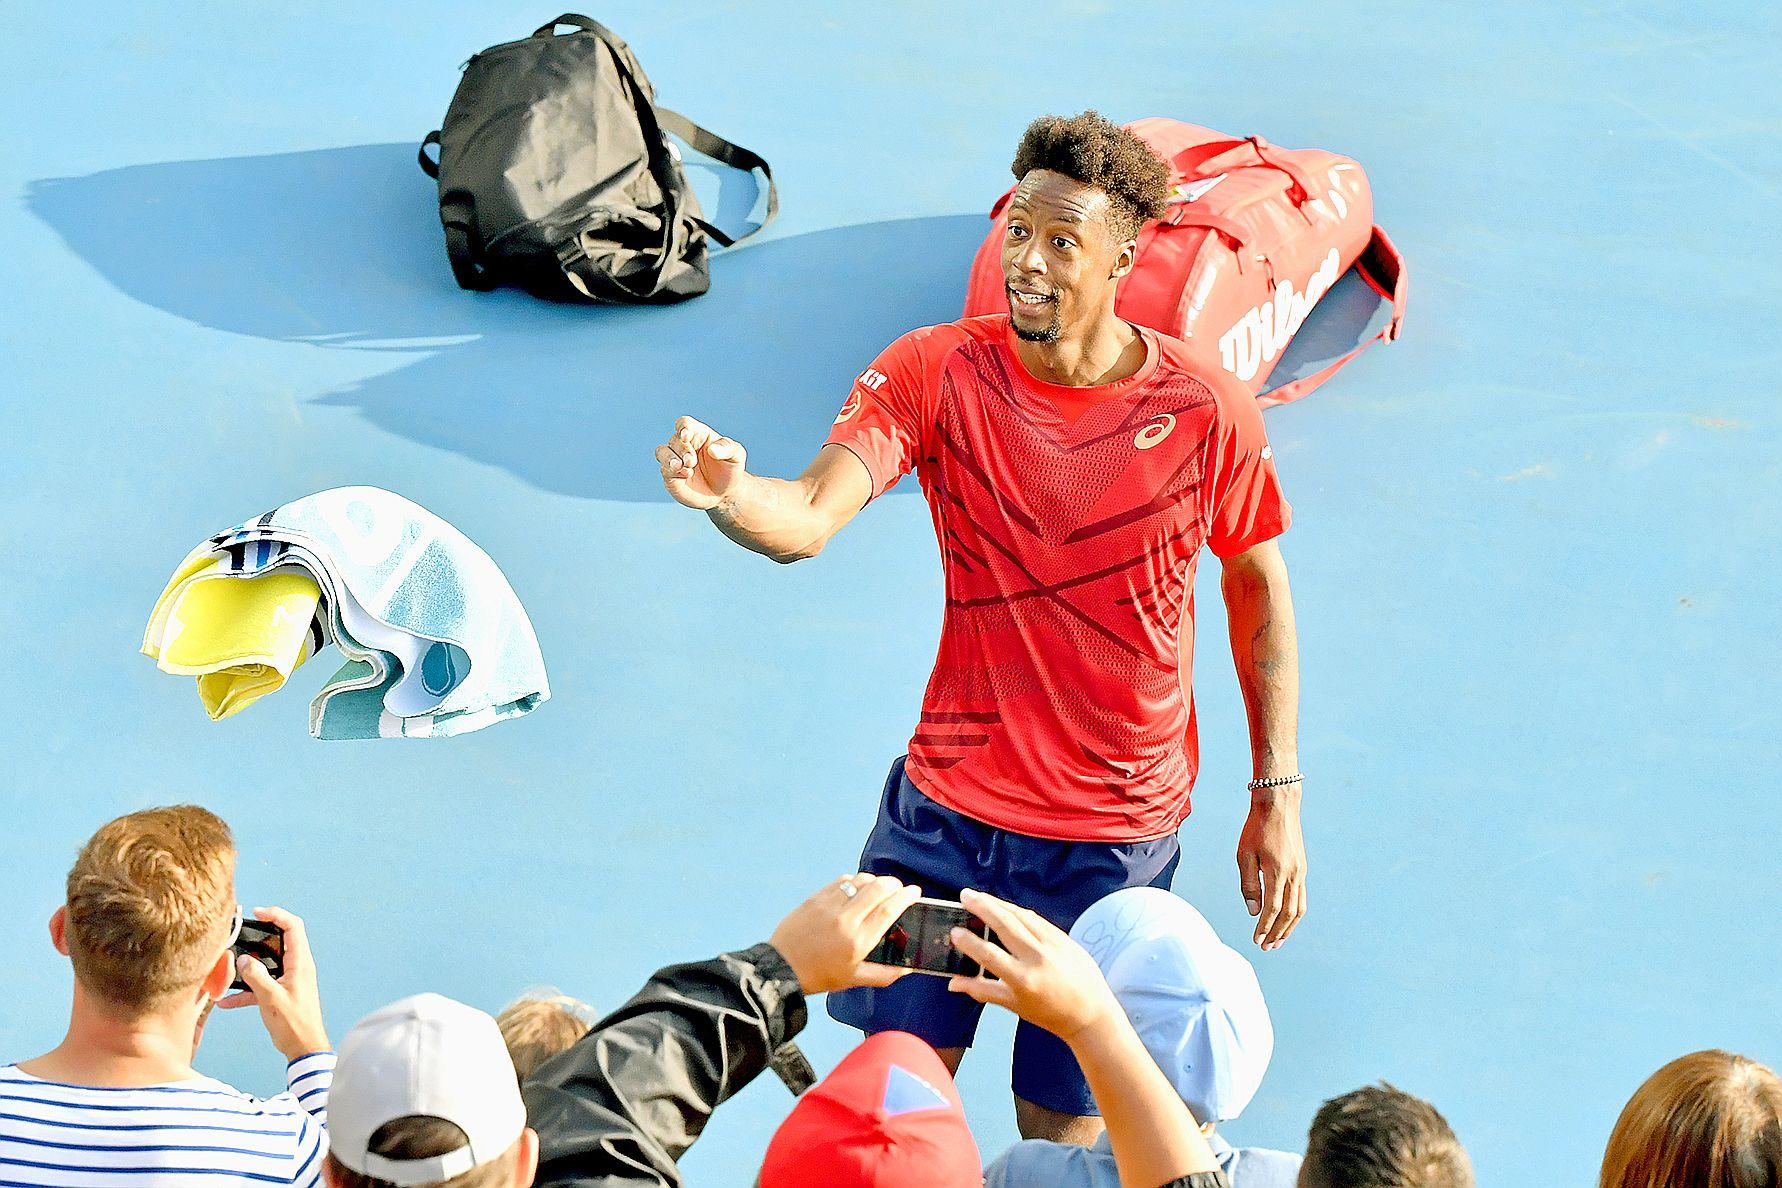 Le Français jouera au 3e tour aujourd'hui contre le Letton Ernests Gulbis (256e) pour une place en 8e de finale. Photo AFP